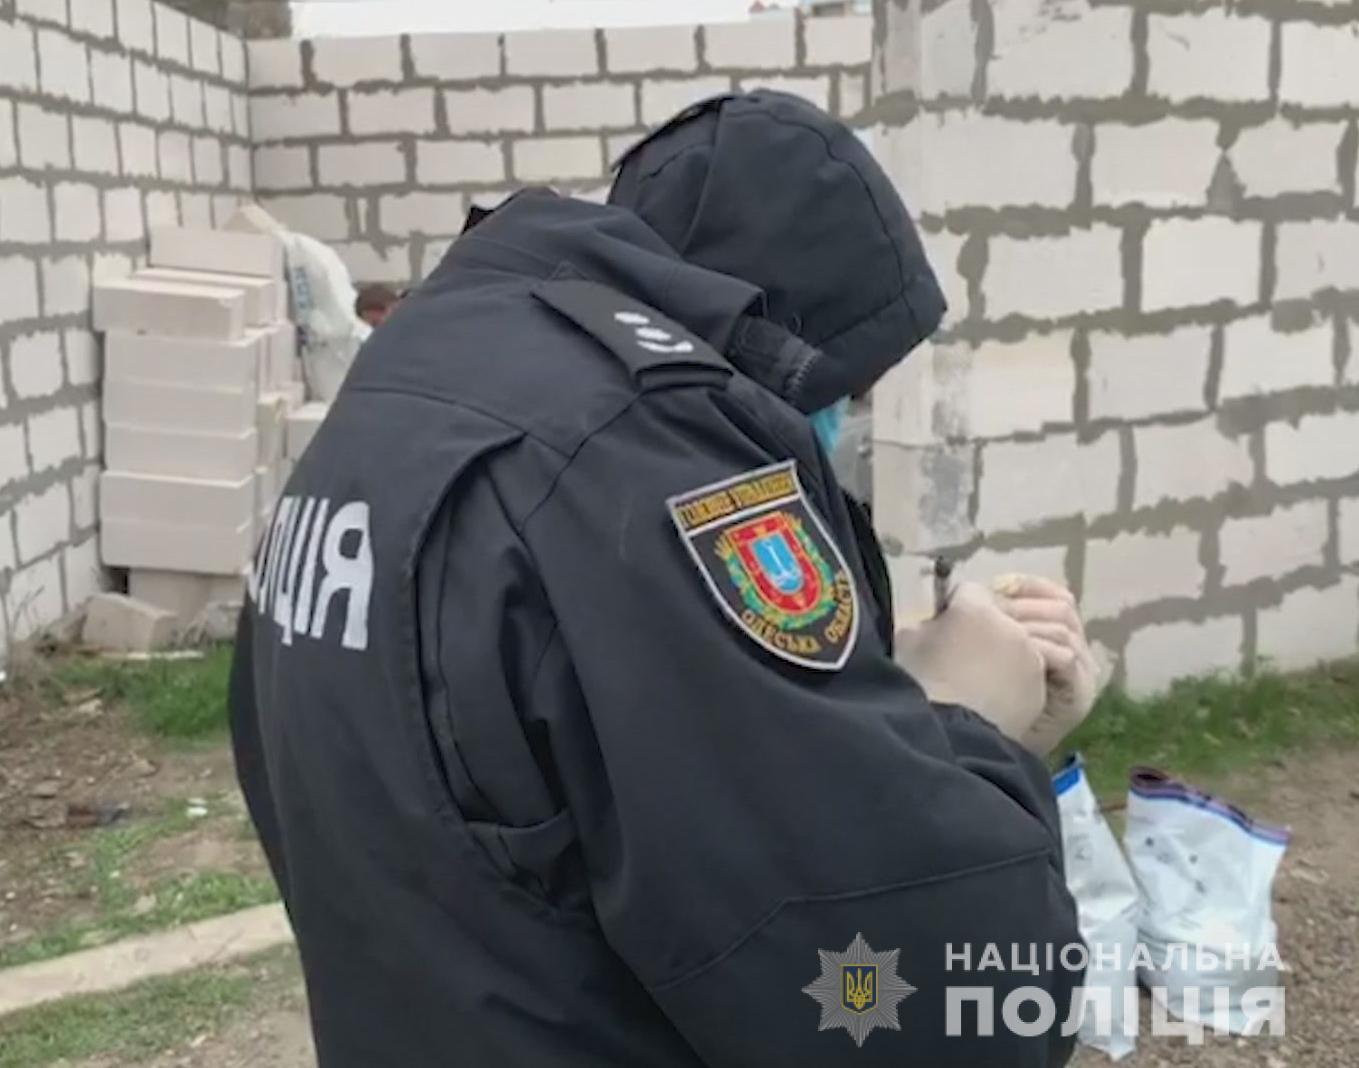 В Одессе наркоман-неадекват убил охранника и ранил другого